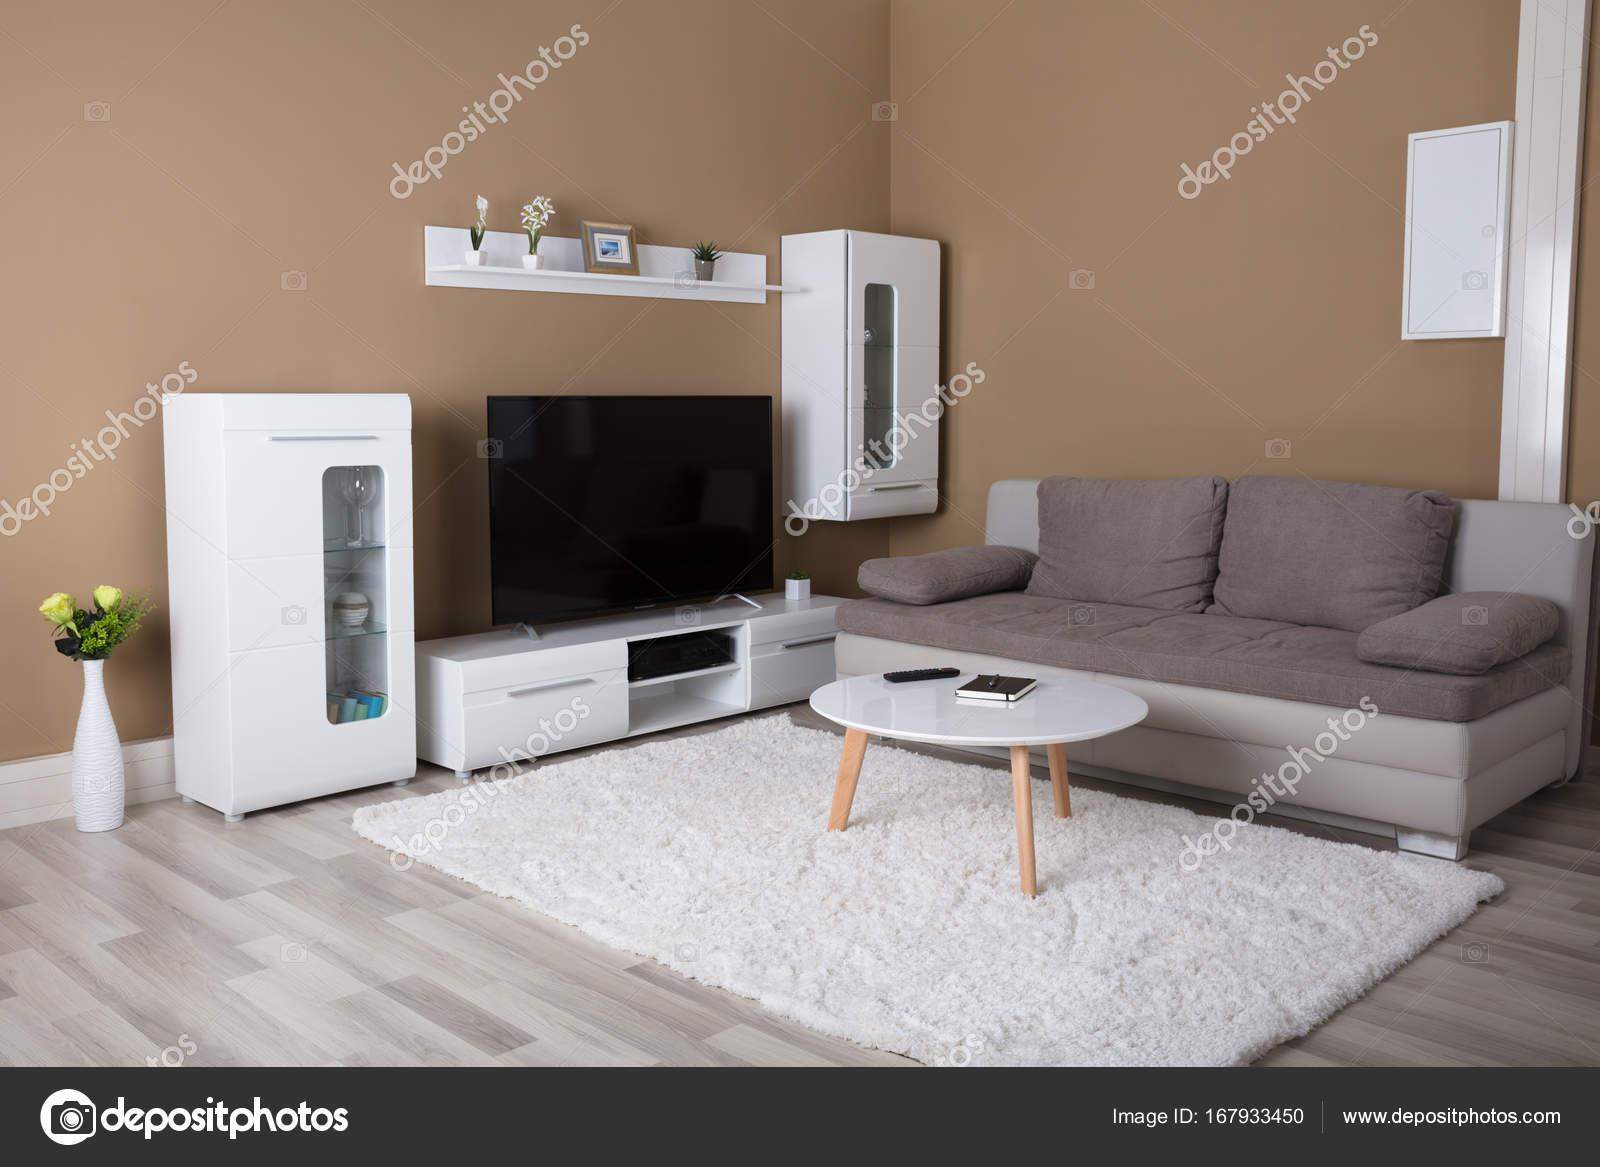 Wohnung Mit Fernseher Und Sofa Stockfoto C Andreypopov 167933450